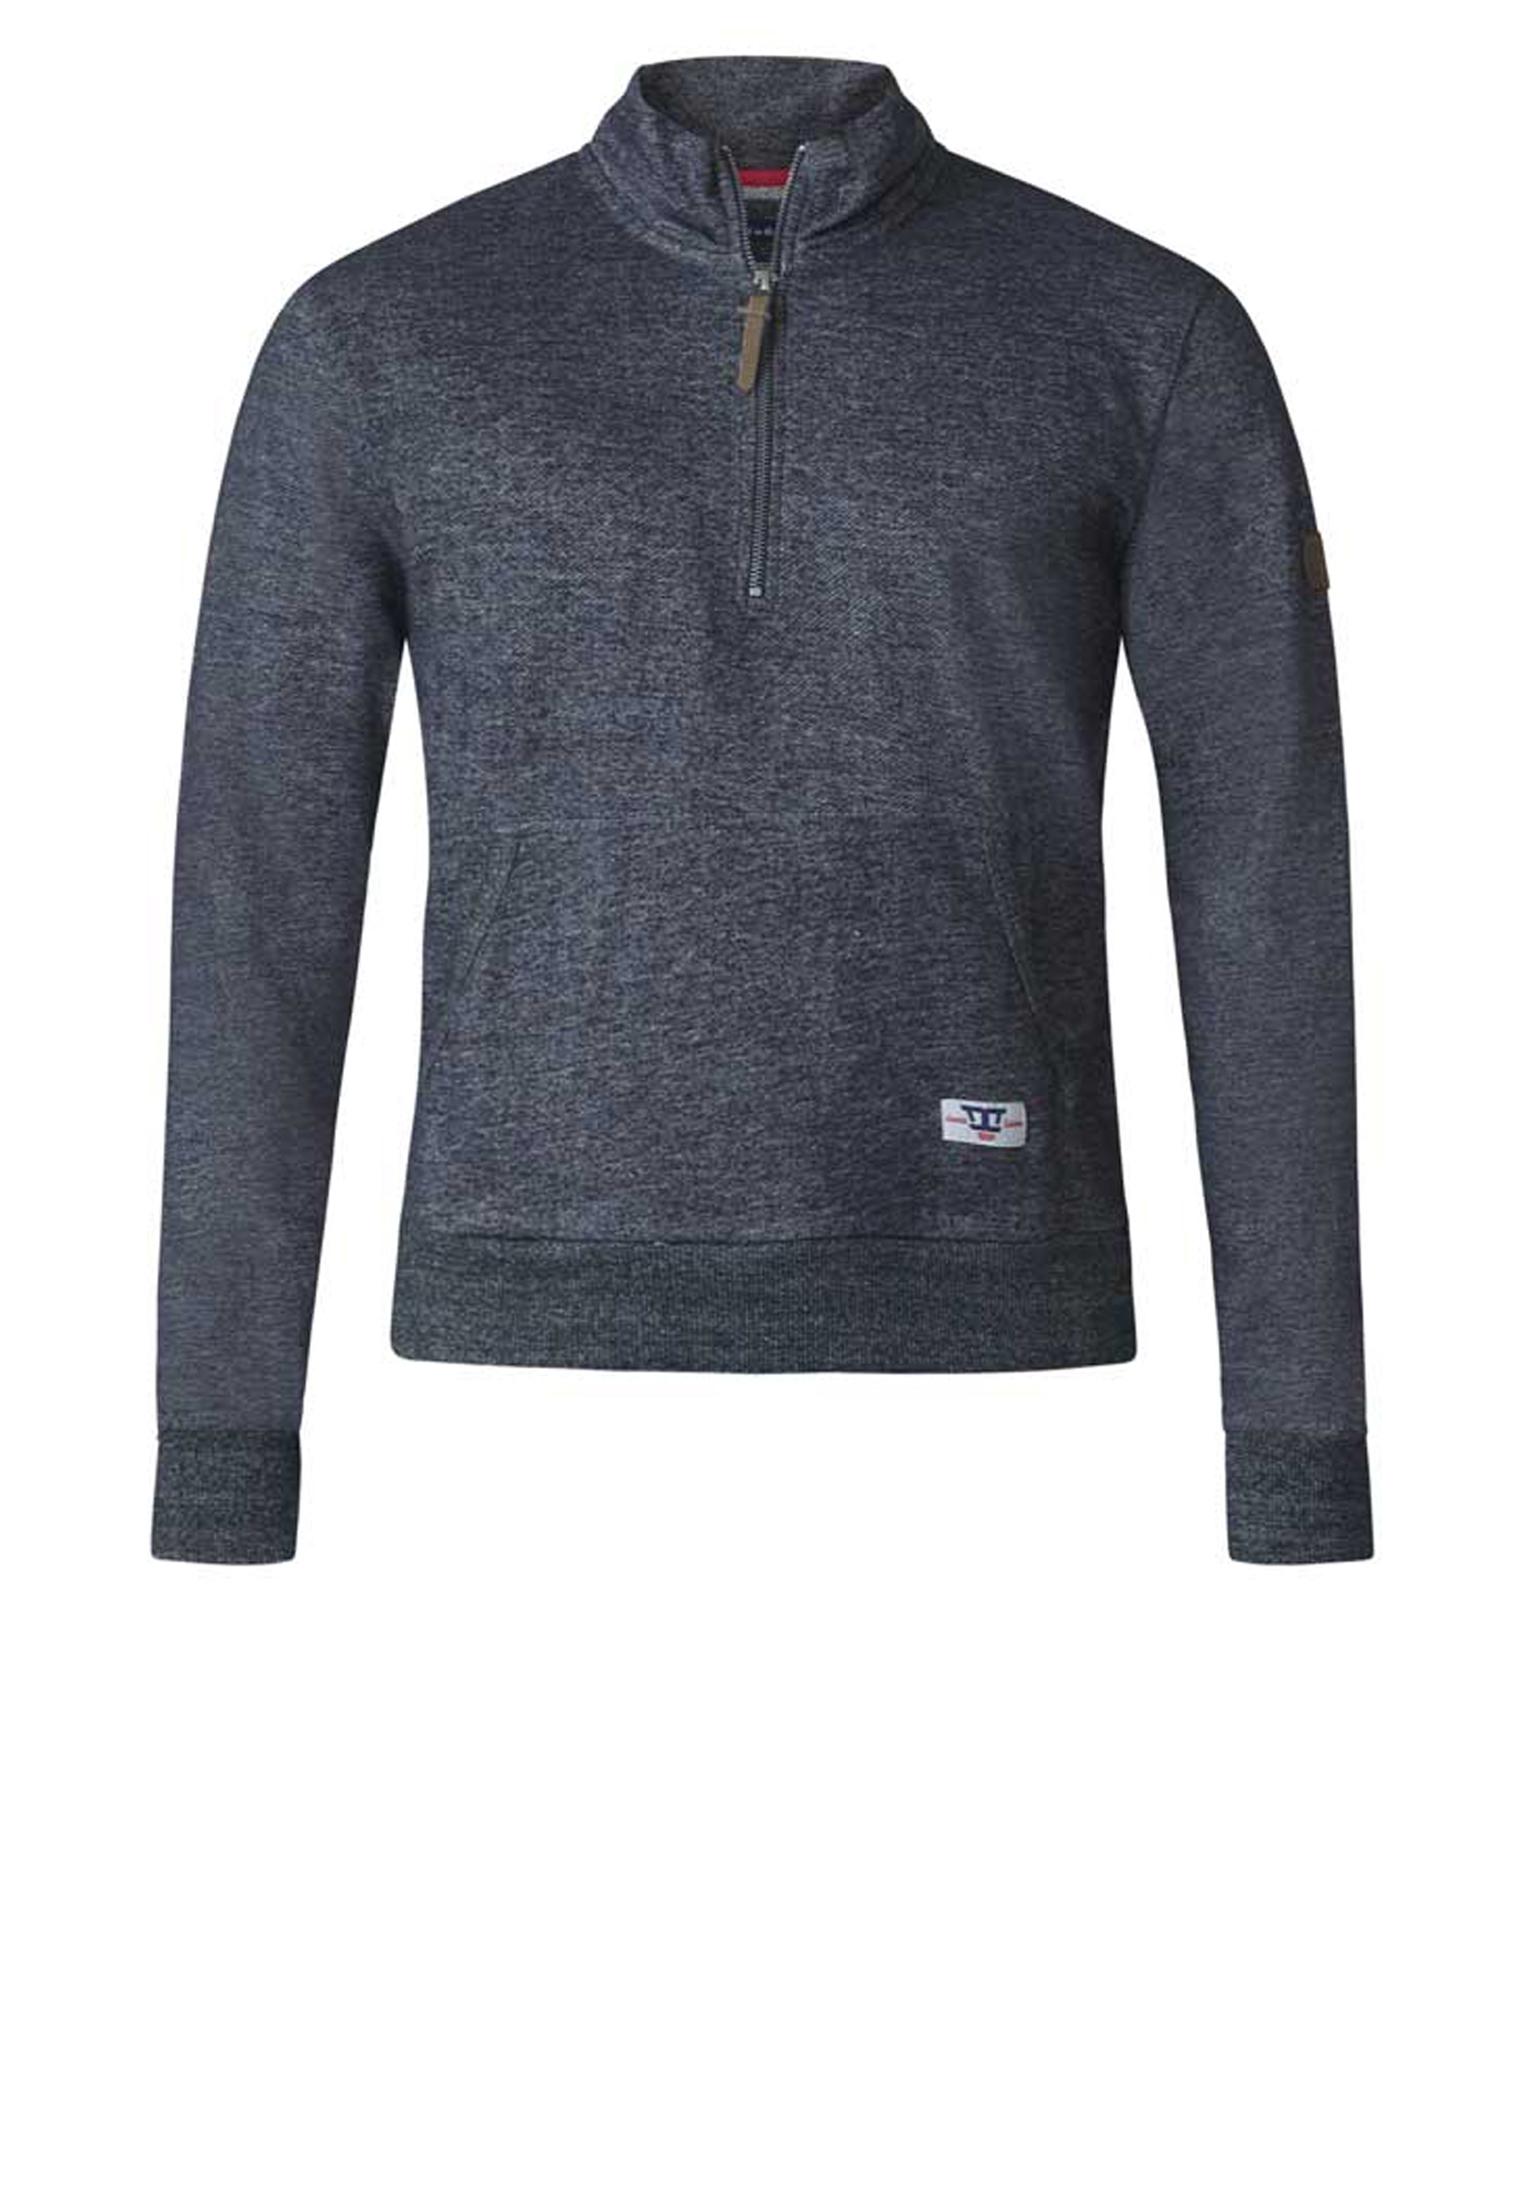 Sweatshirt met rits in de hals en een kangaroo zak.